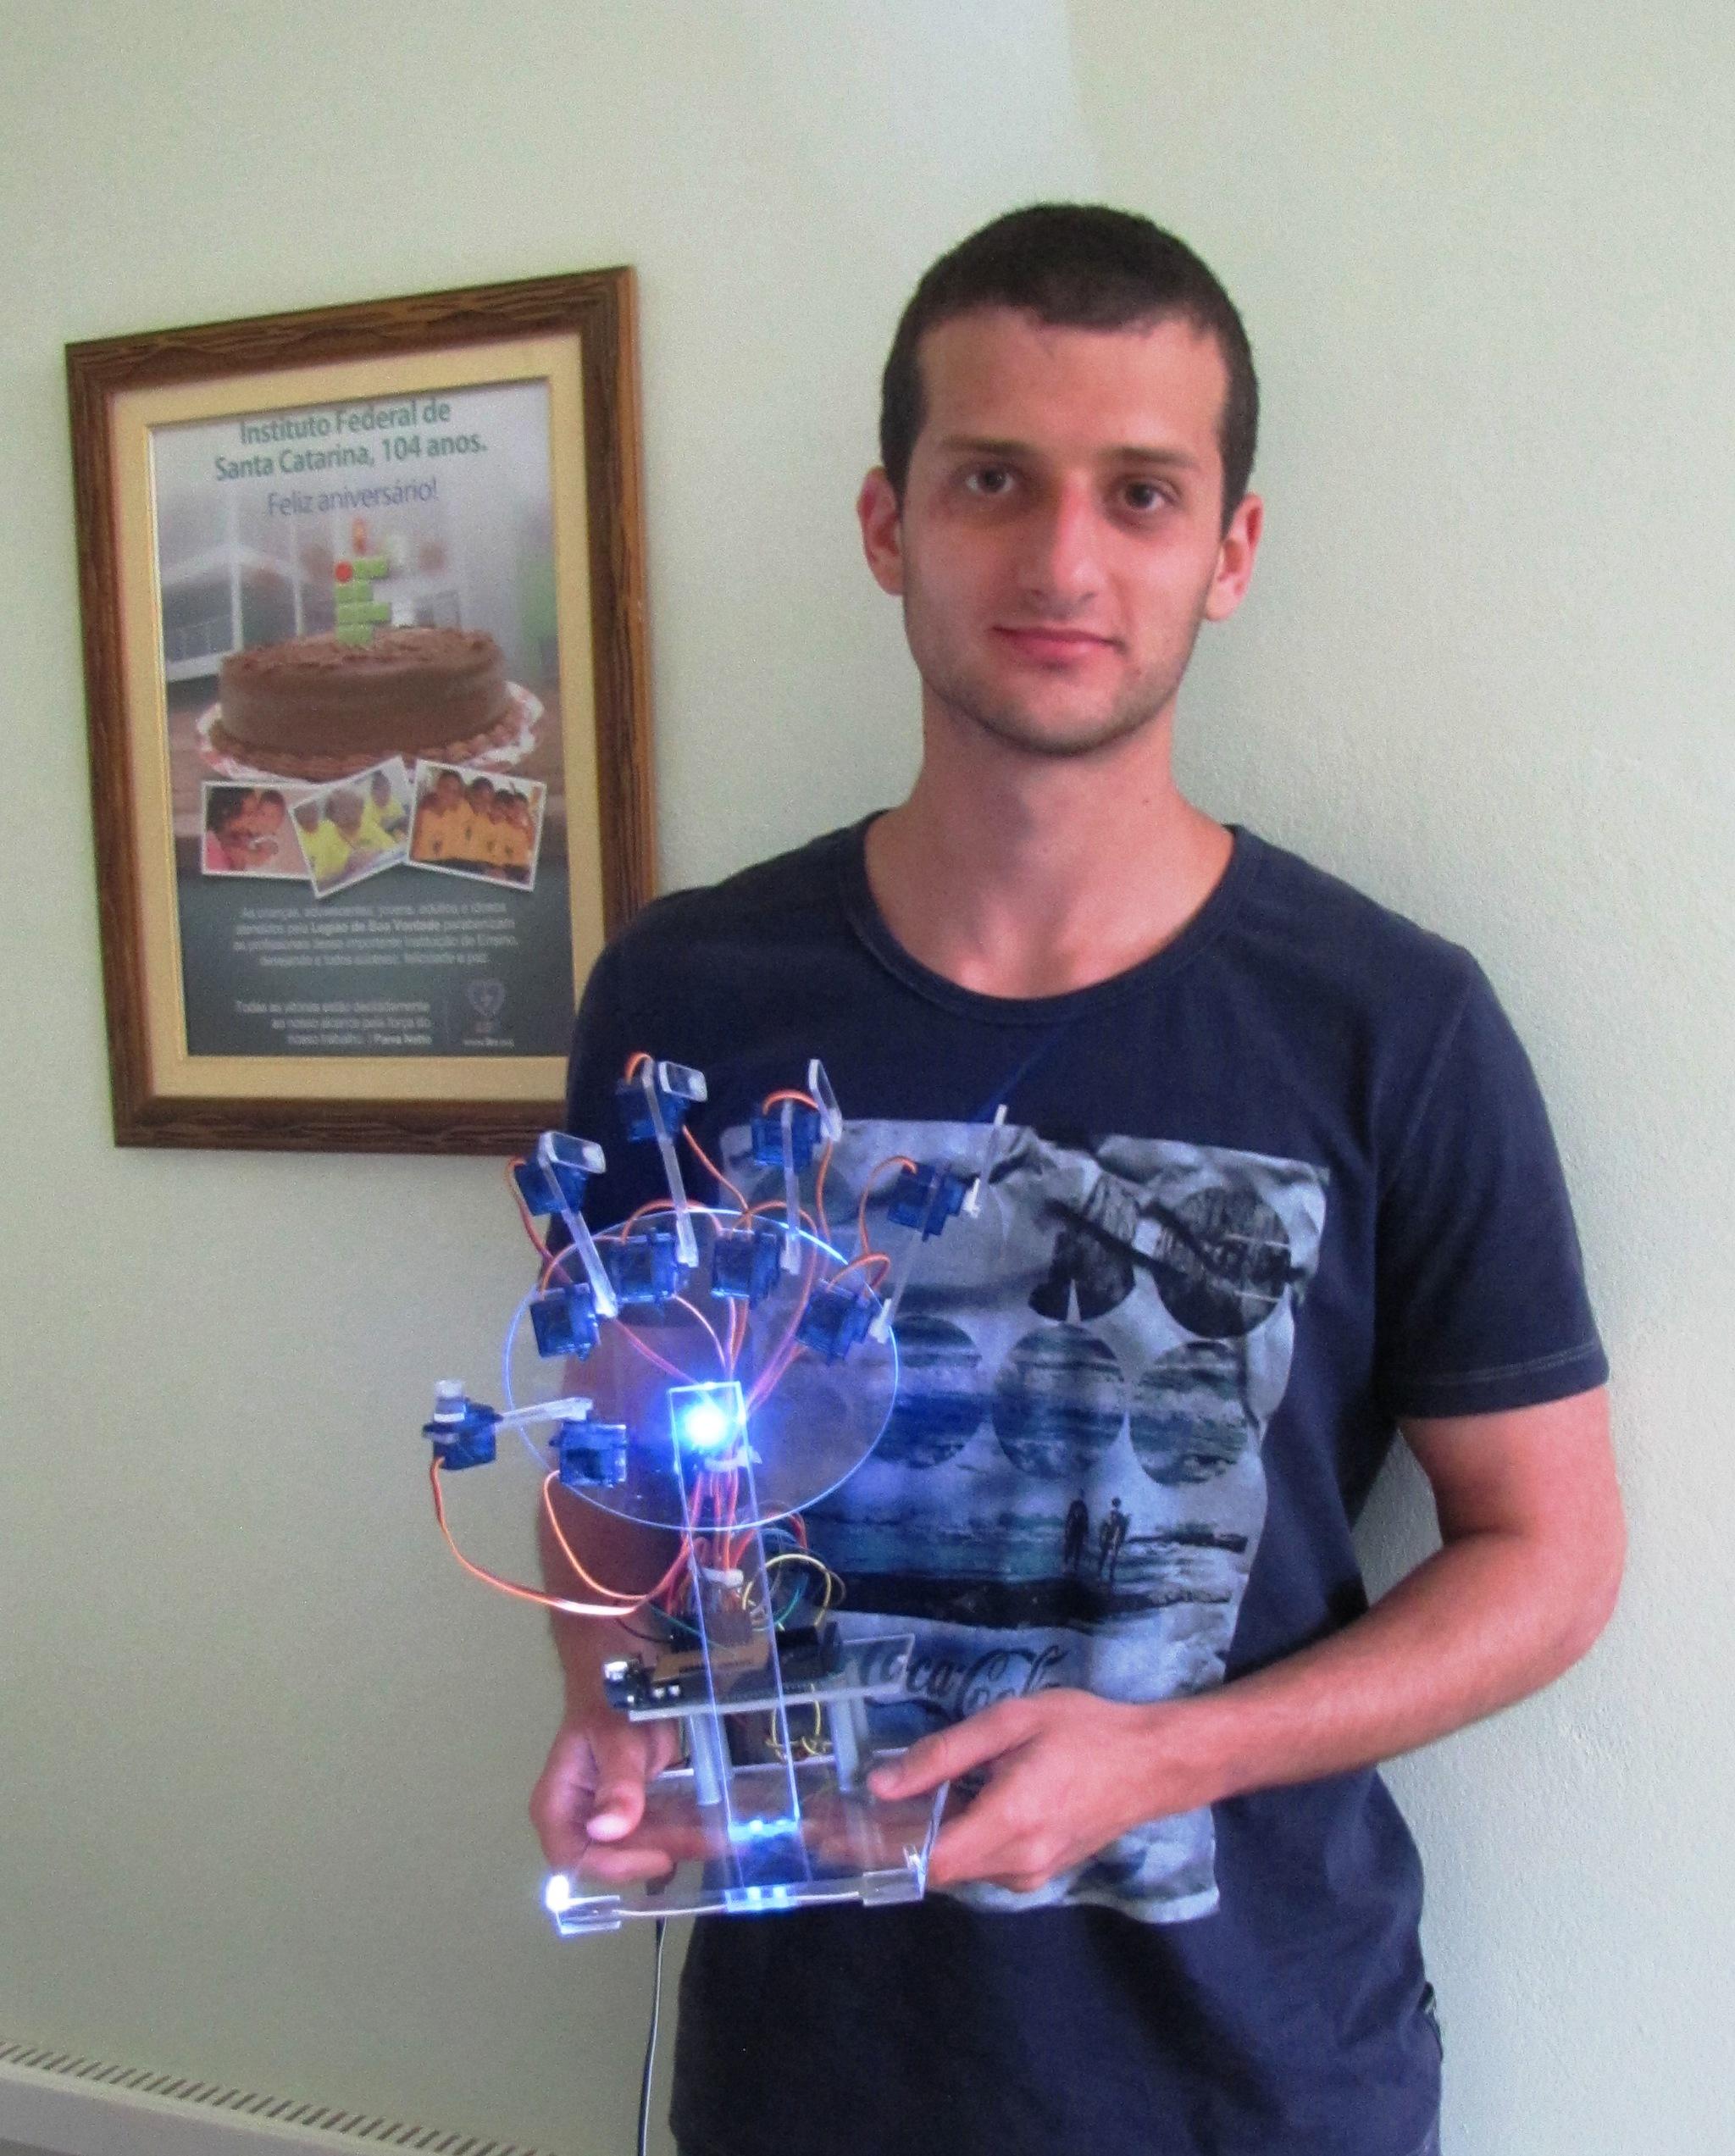 Estudante de 21 anos de SC desenvolve mão robótica acionada por webcam e é segundo colocado em concurso da Intel